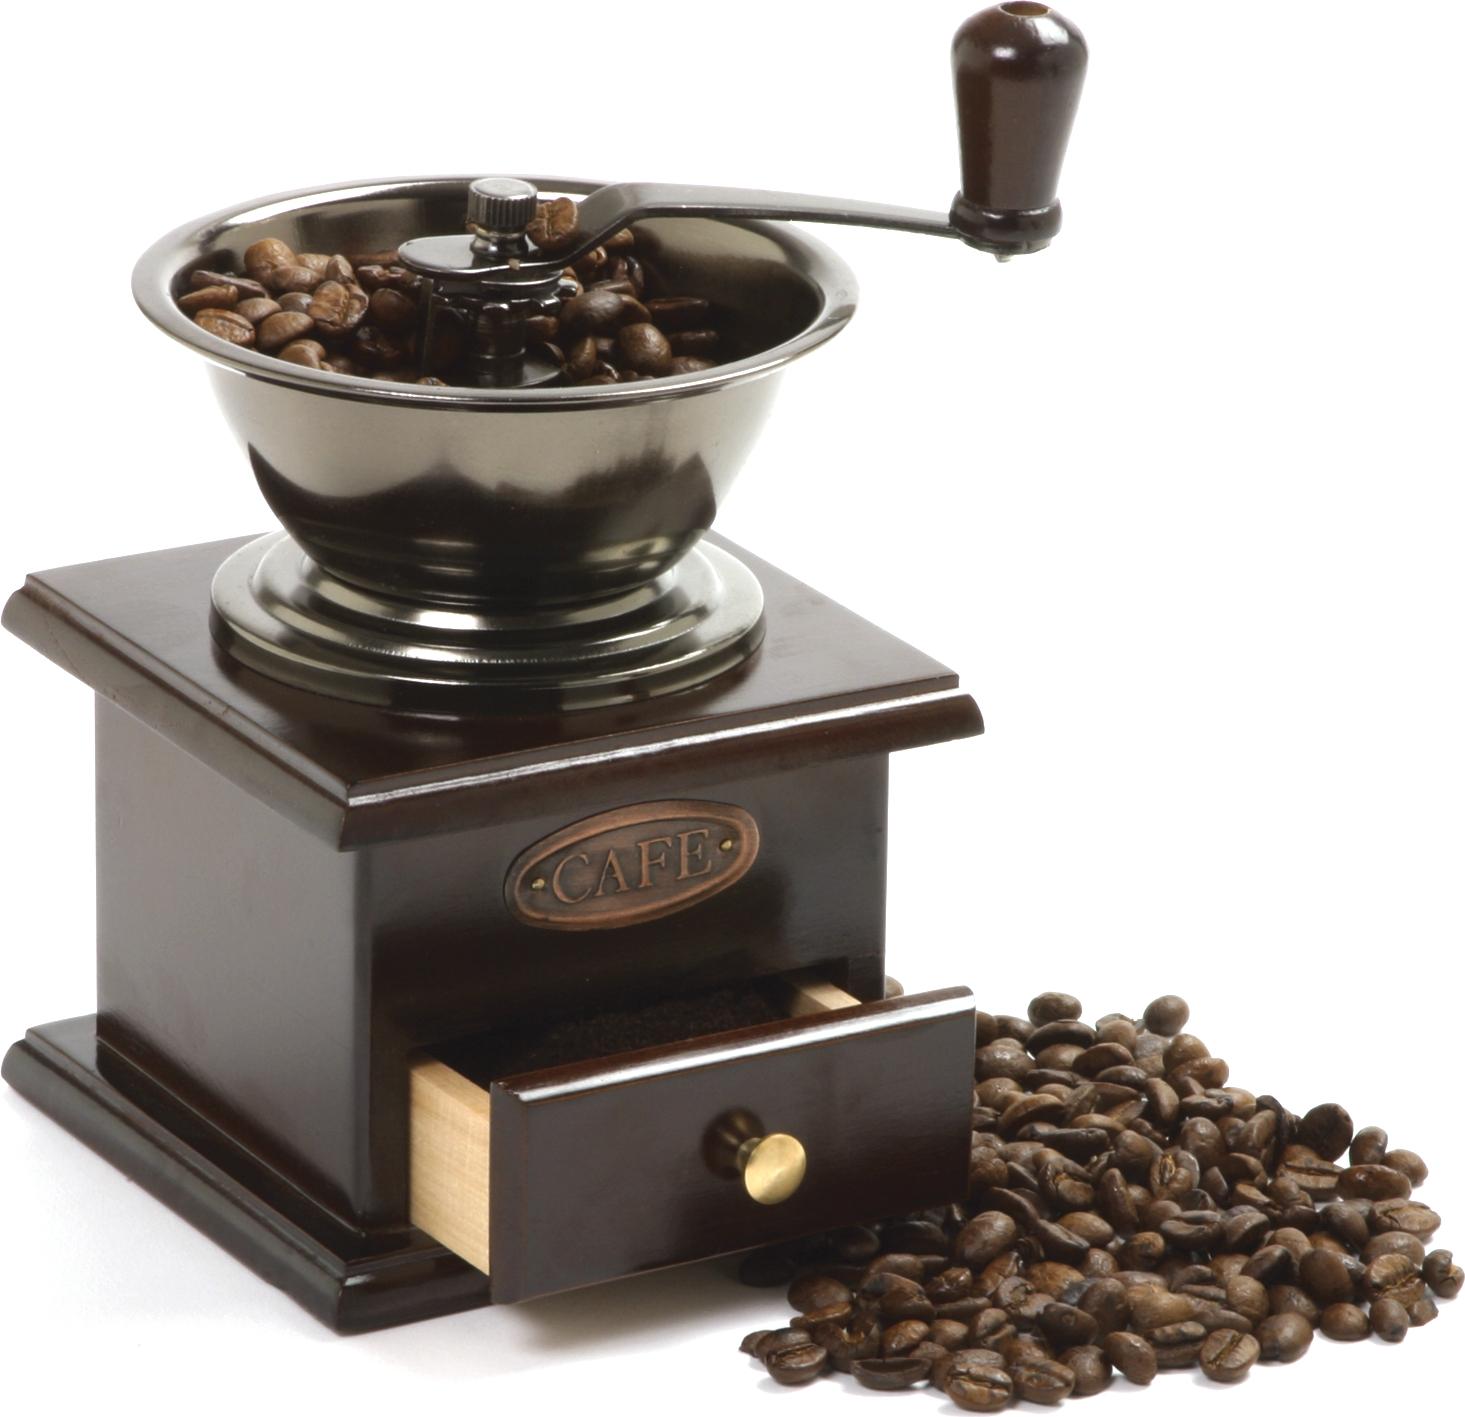 Norpro Steel and Wood Coffee Grinder